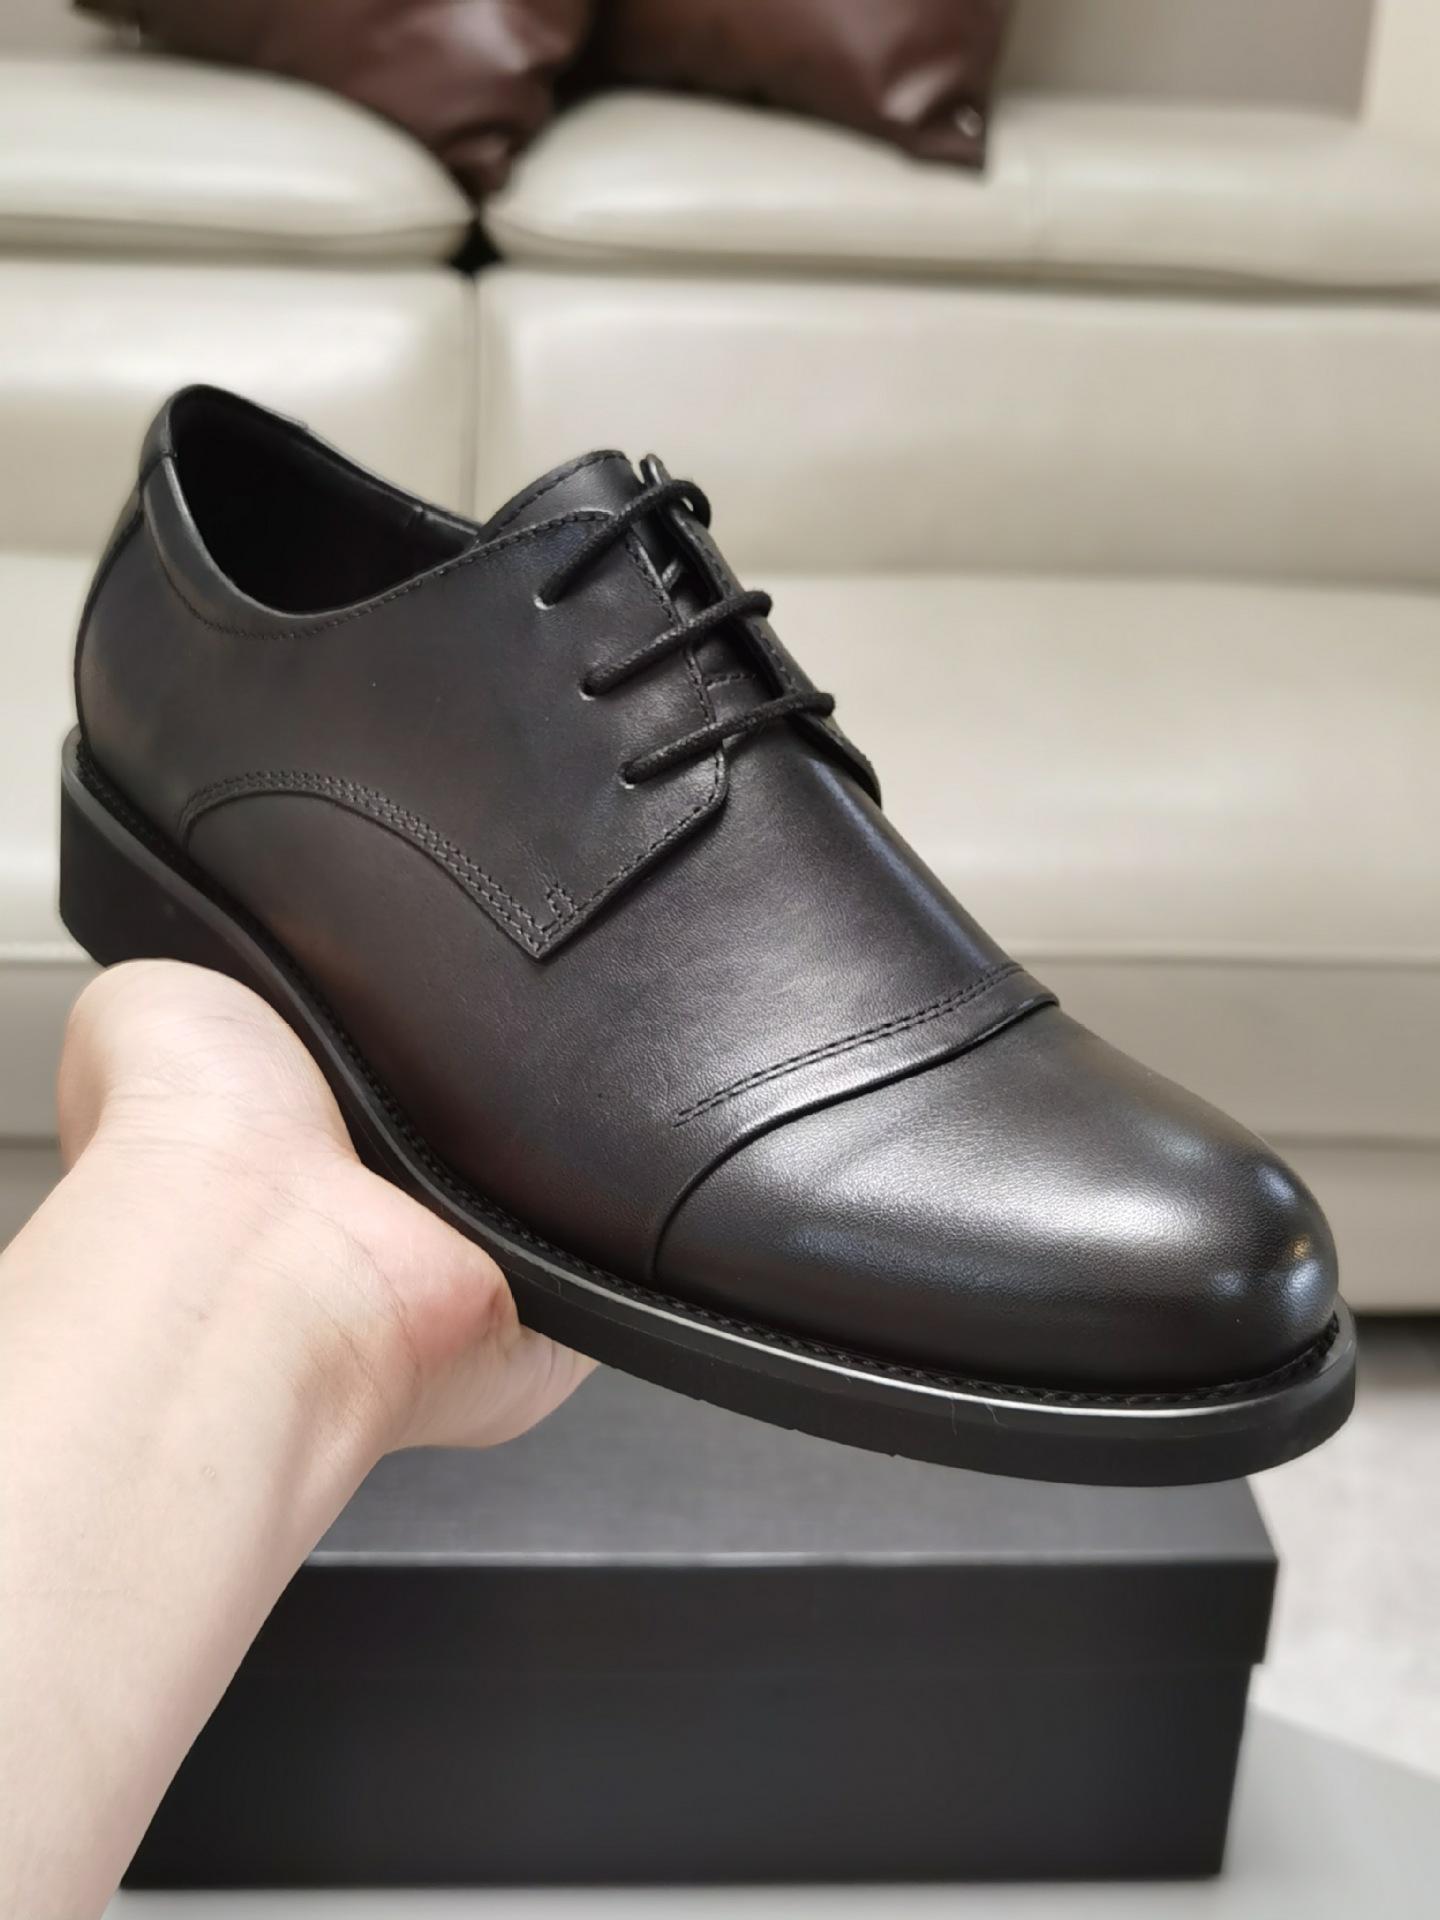 广州高档品牌外贸原单正品头层牛皮商务休闲正装男士皮鞋批发厂家